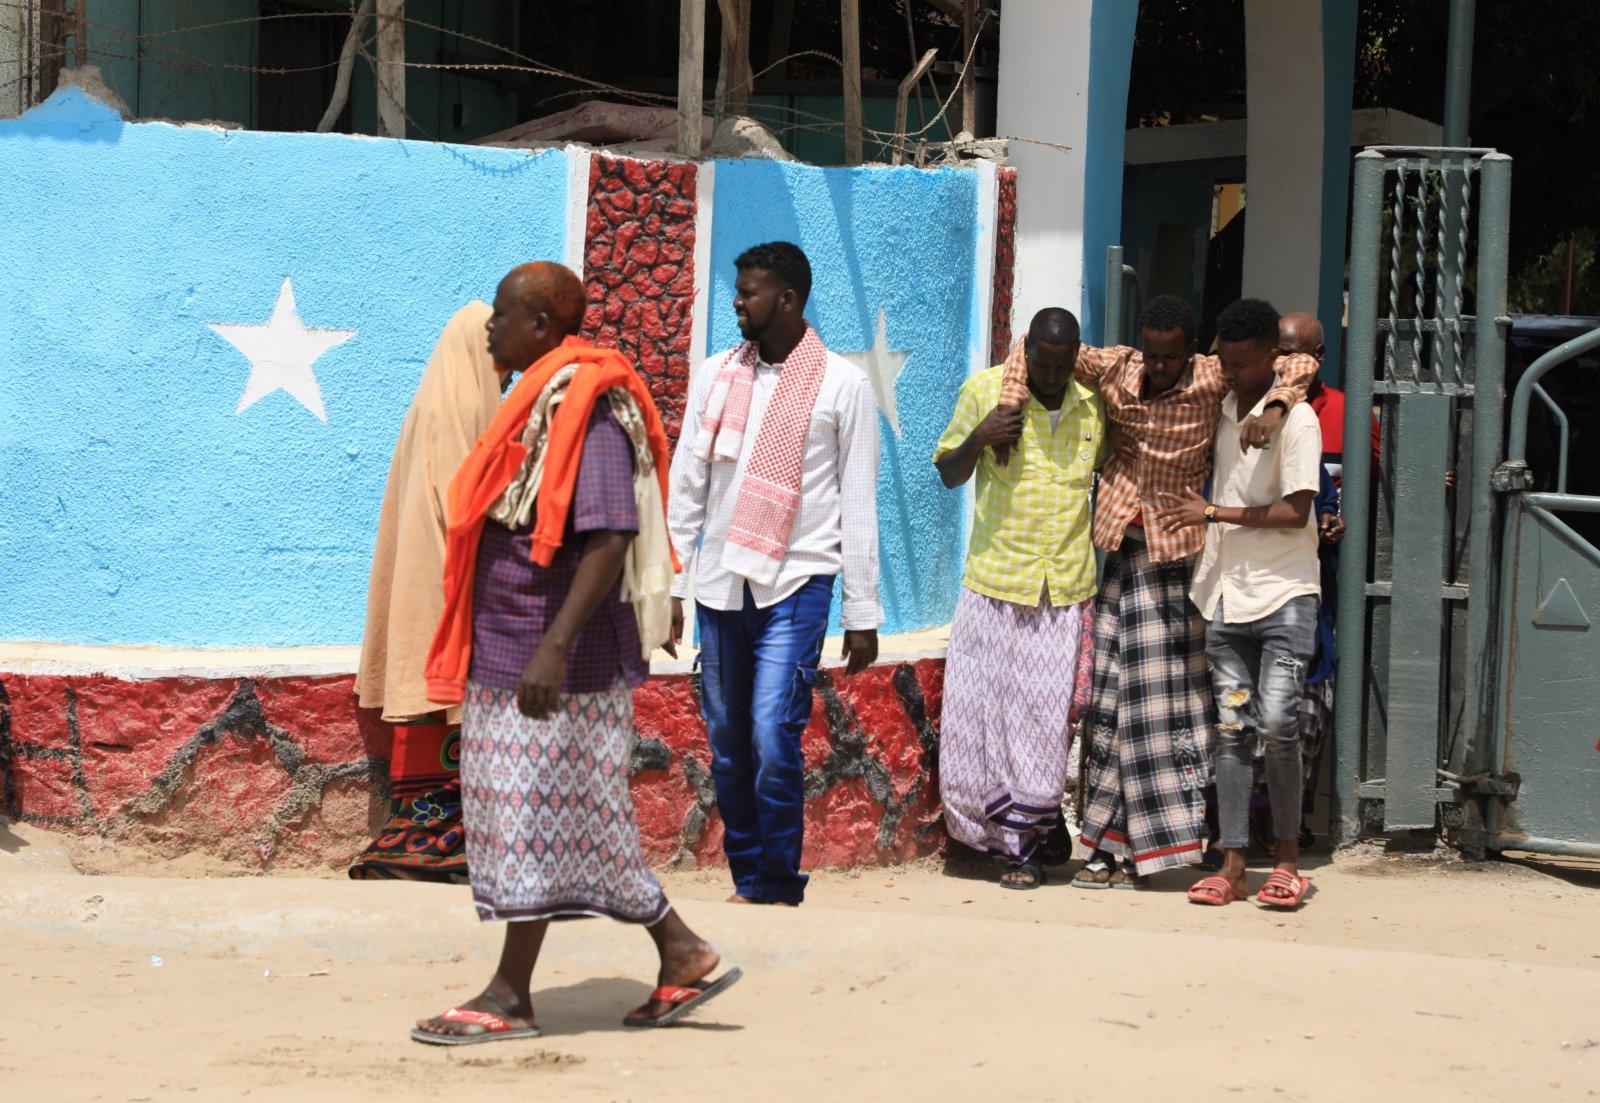 6月15日,一名傷員在人們的攙扶下走出索馬里首都摩加迪沙的一所醫院。(新華社)